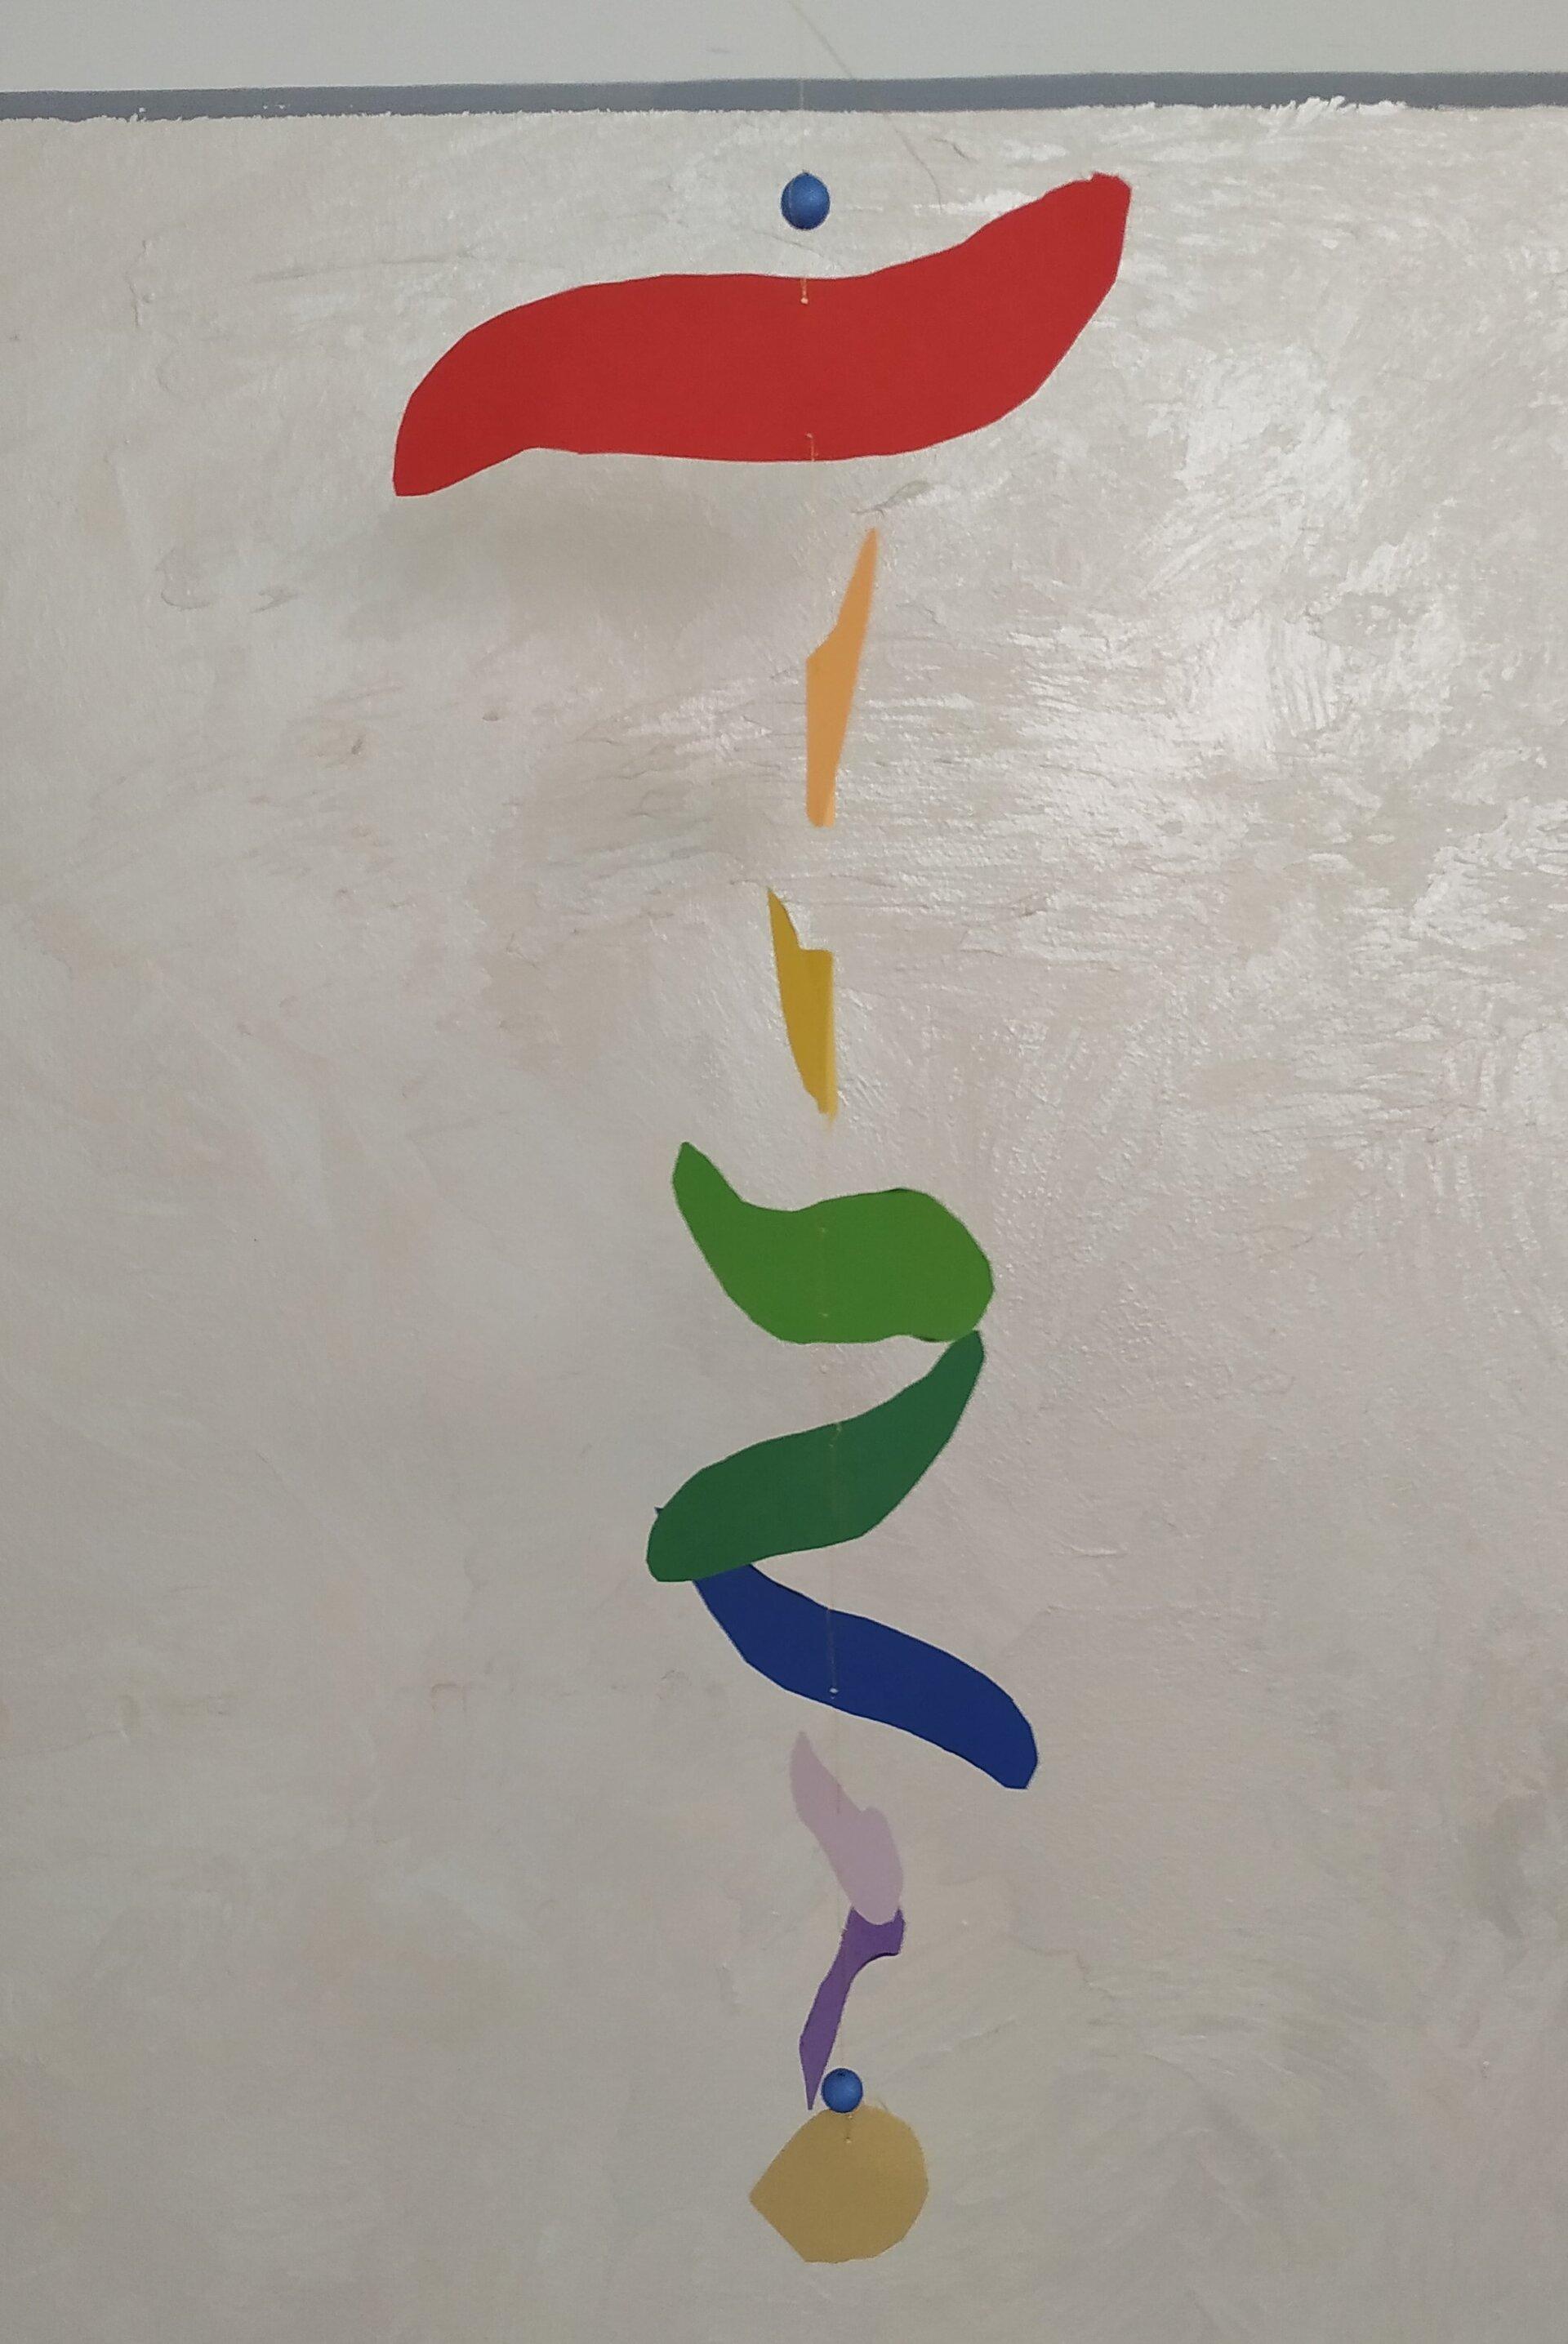 Regenbogenmobile